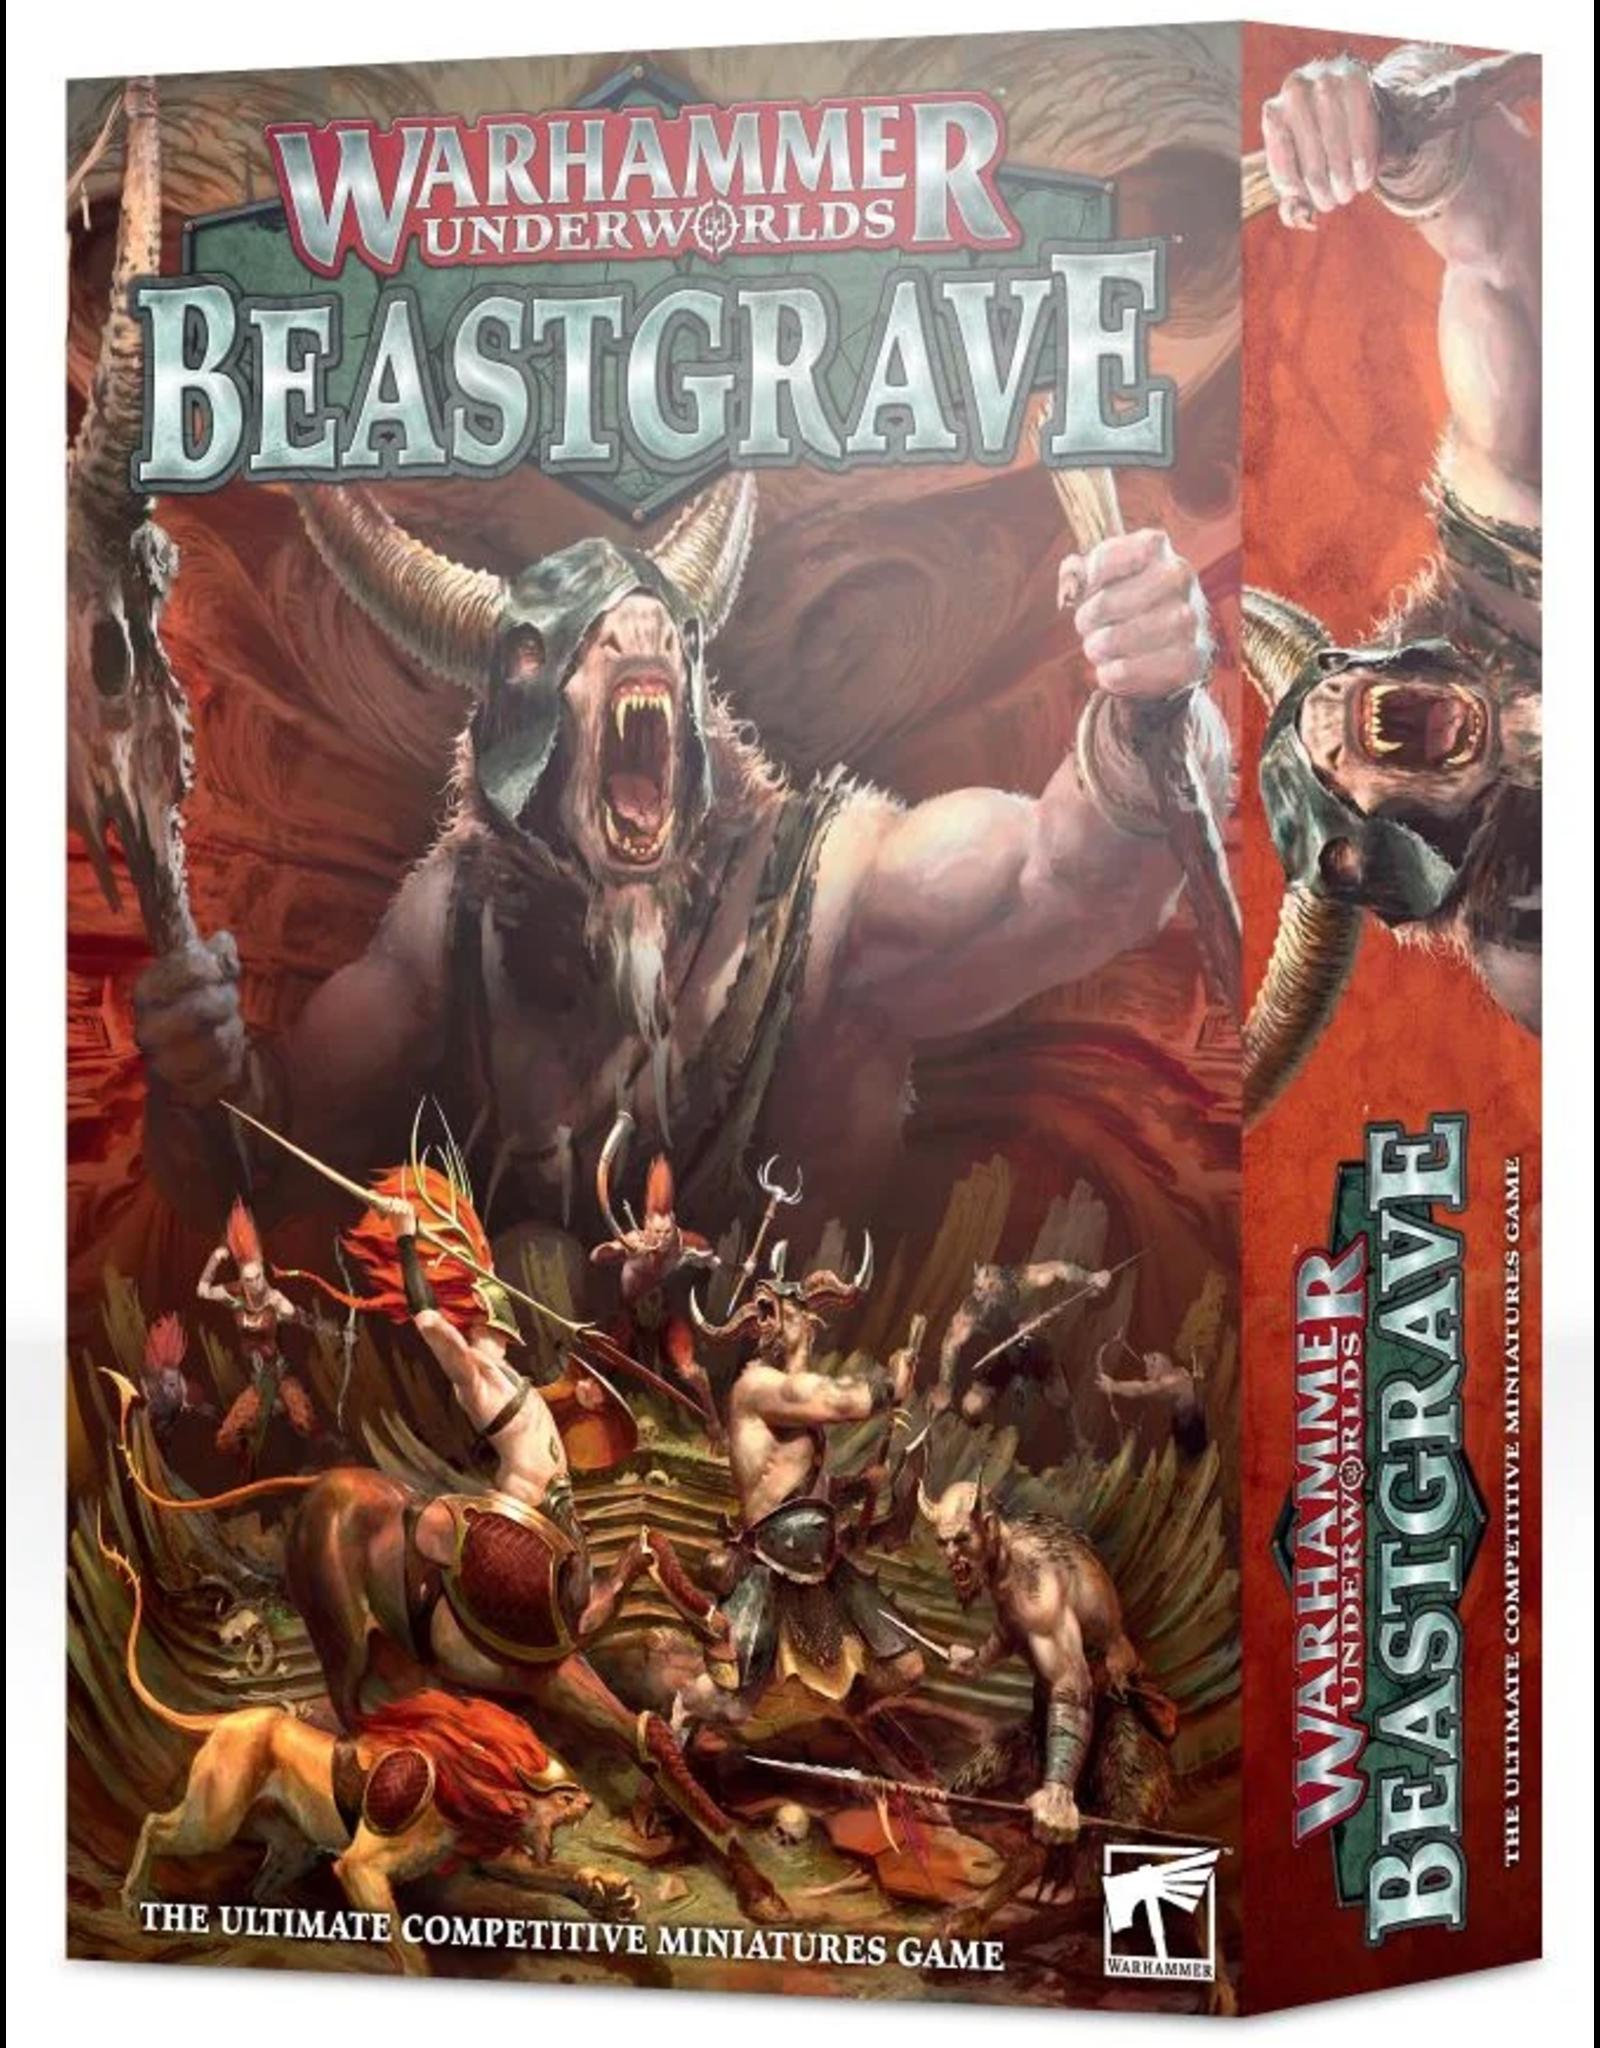 Games Workshop Warhammer Underworlds Beastgrave Core Set